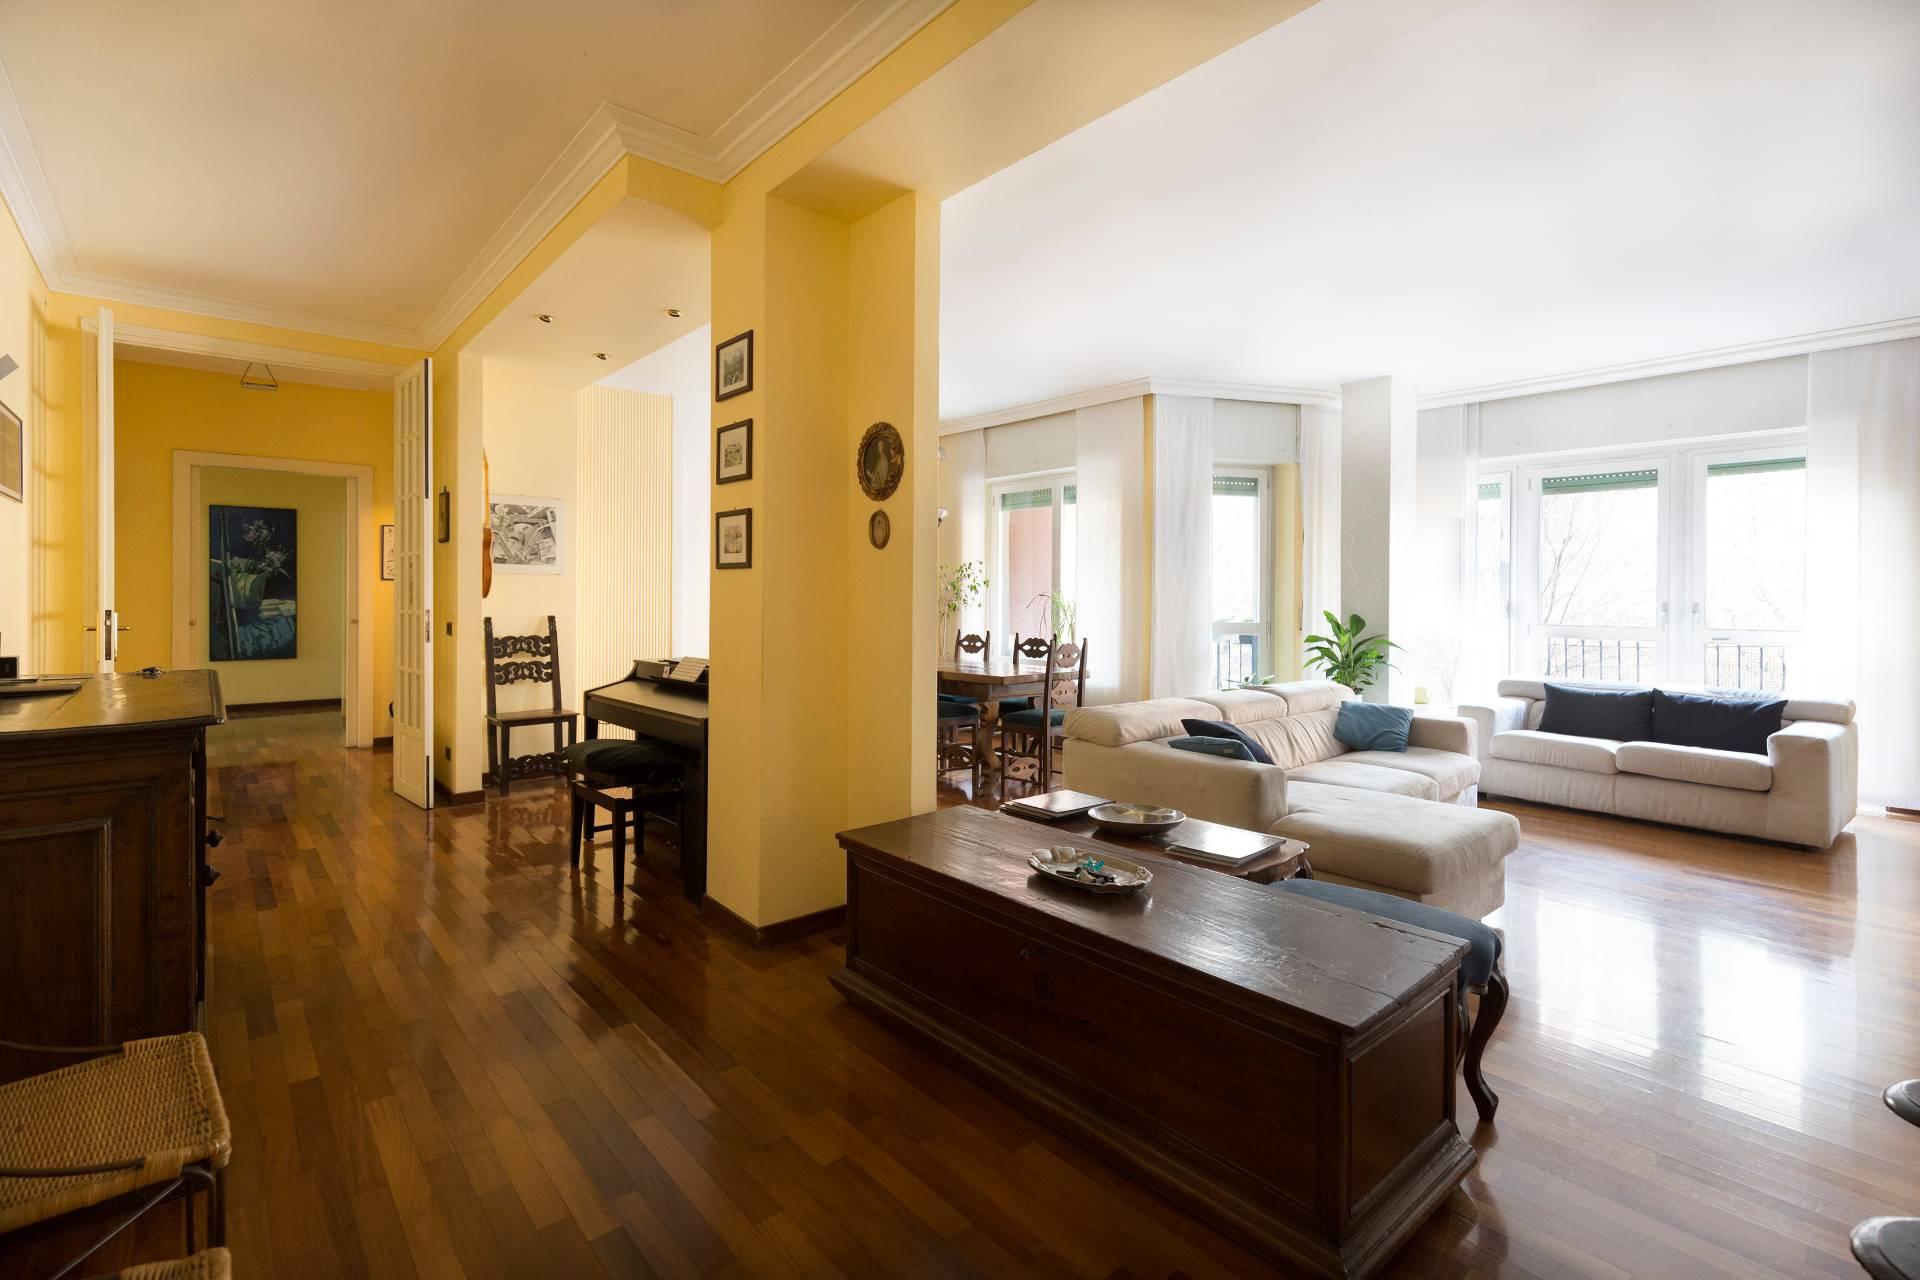 Appartamento in Affitto a Milano 19 Farini / Maciachini / Gattamelata / Sempione / Monumentale:  4 locali, 180 mq  - Foto 1